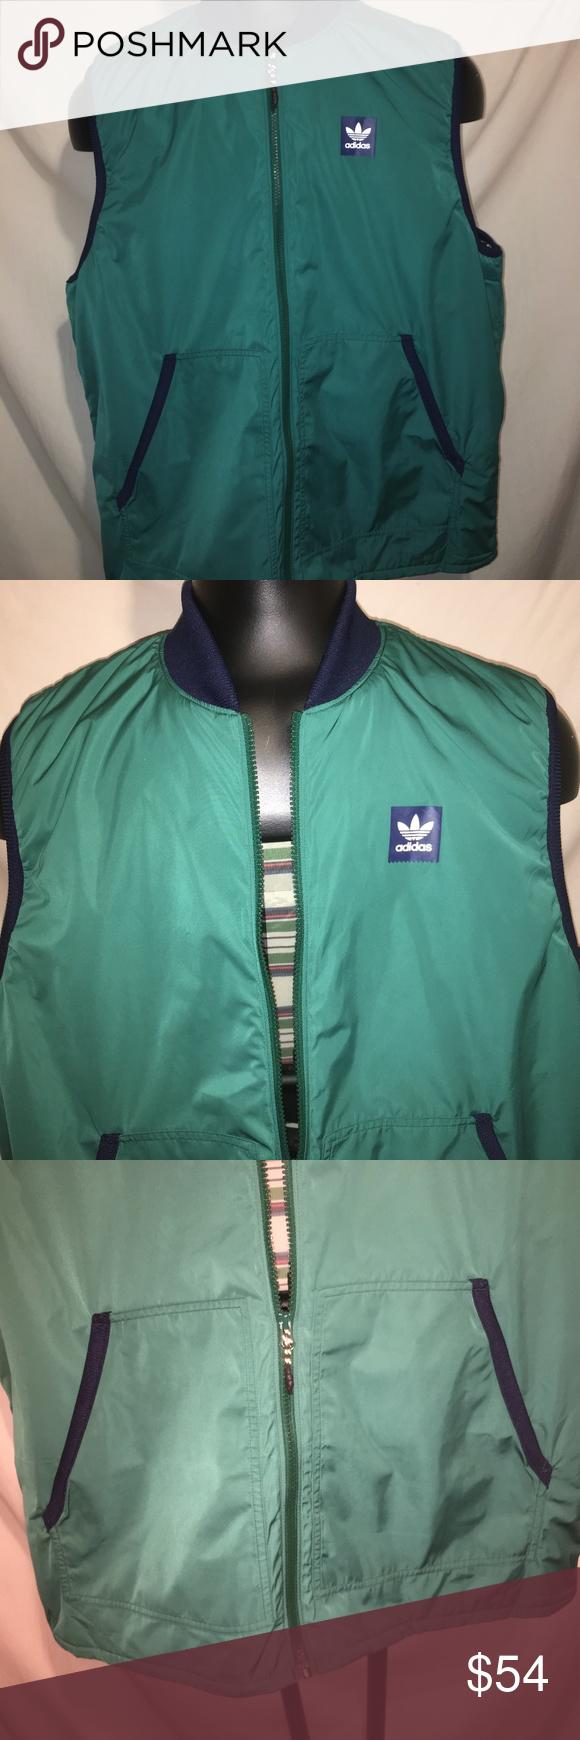 Decepcionado Perspectiva Sudán  Adidas Men's Meade Vest Green Jacket Size 2XL Adidas Originals Men's Meade  Vest Jacket Skateboarding. It is a men…   Adidas men, Green jacket, Adidas  originals mens